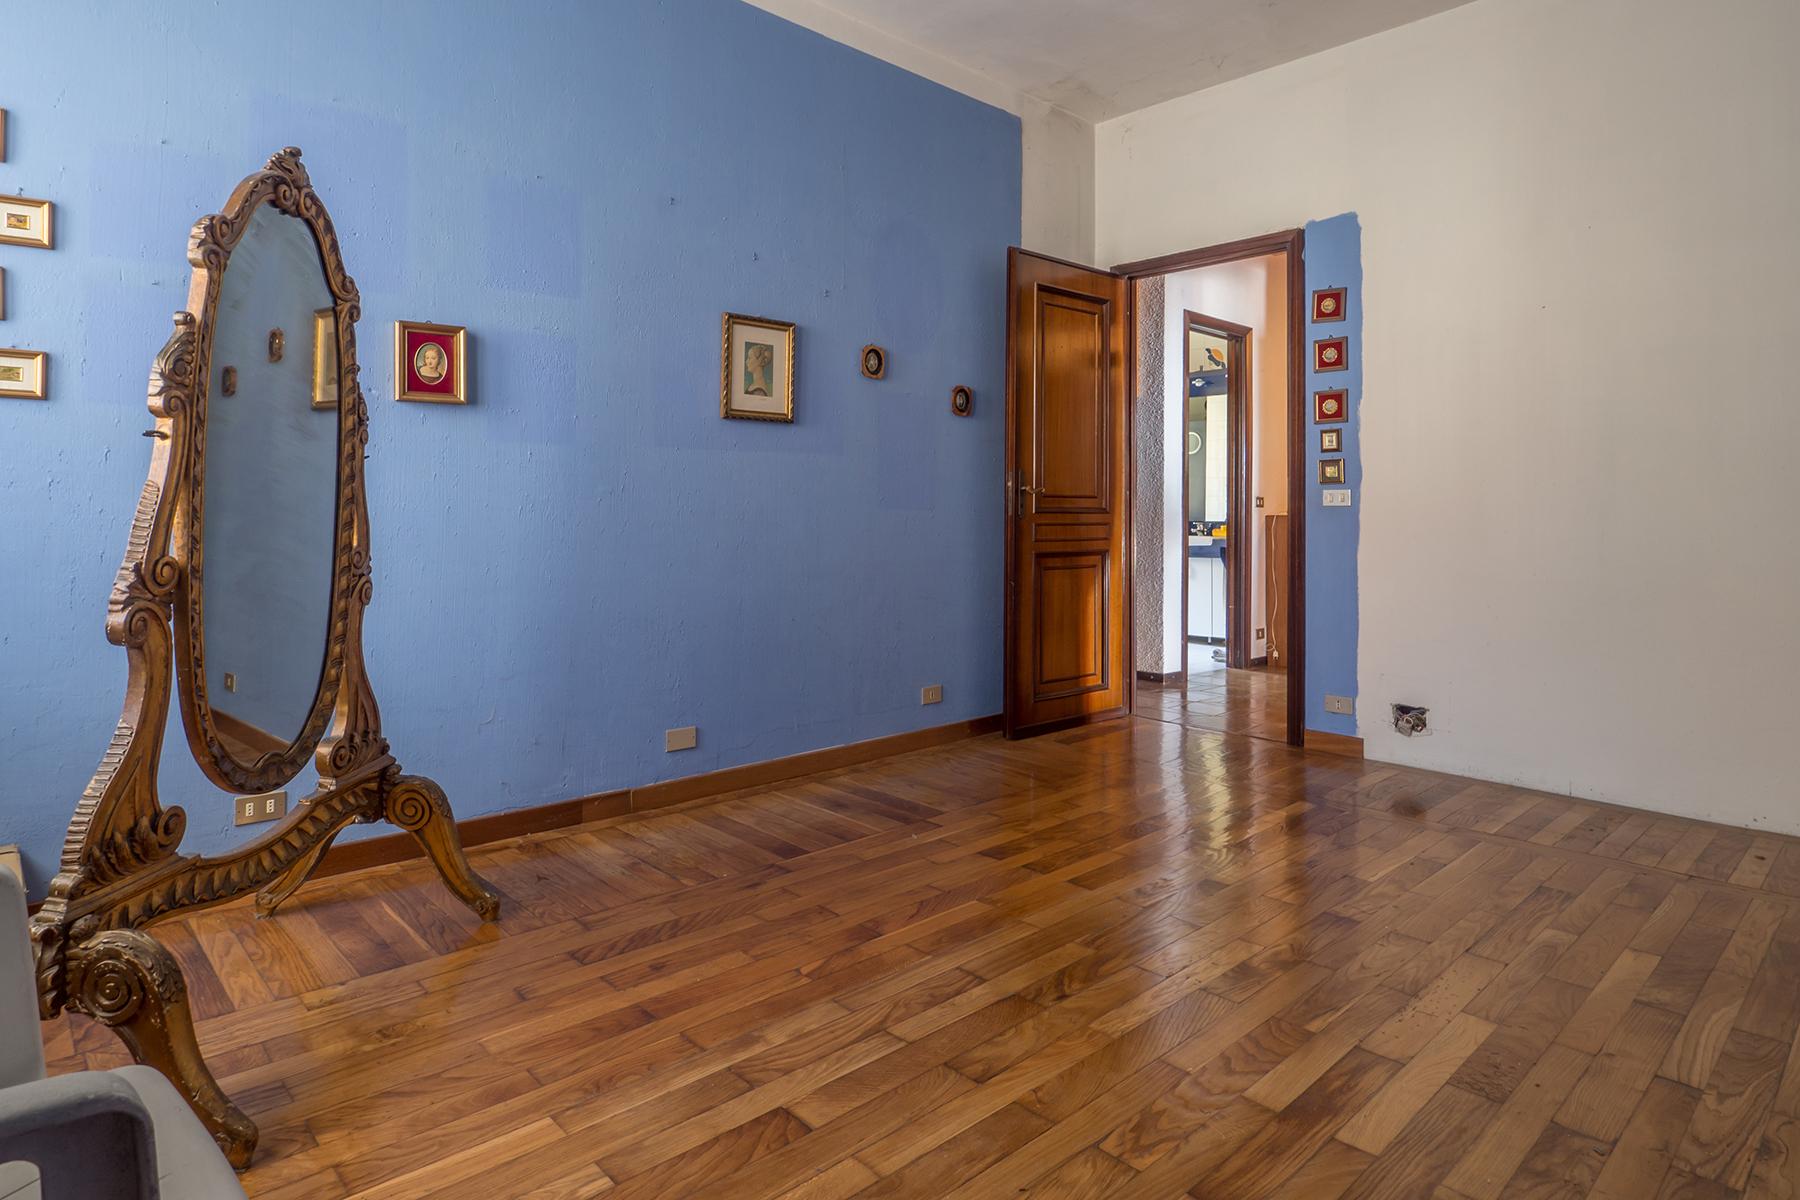 Casa indipendente in Vendita a Moncalieri: 5 locali, 310 mq - Foto 9